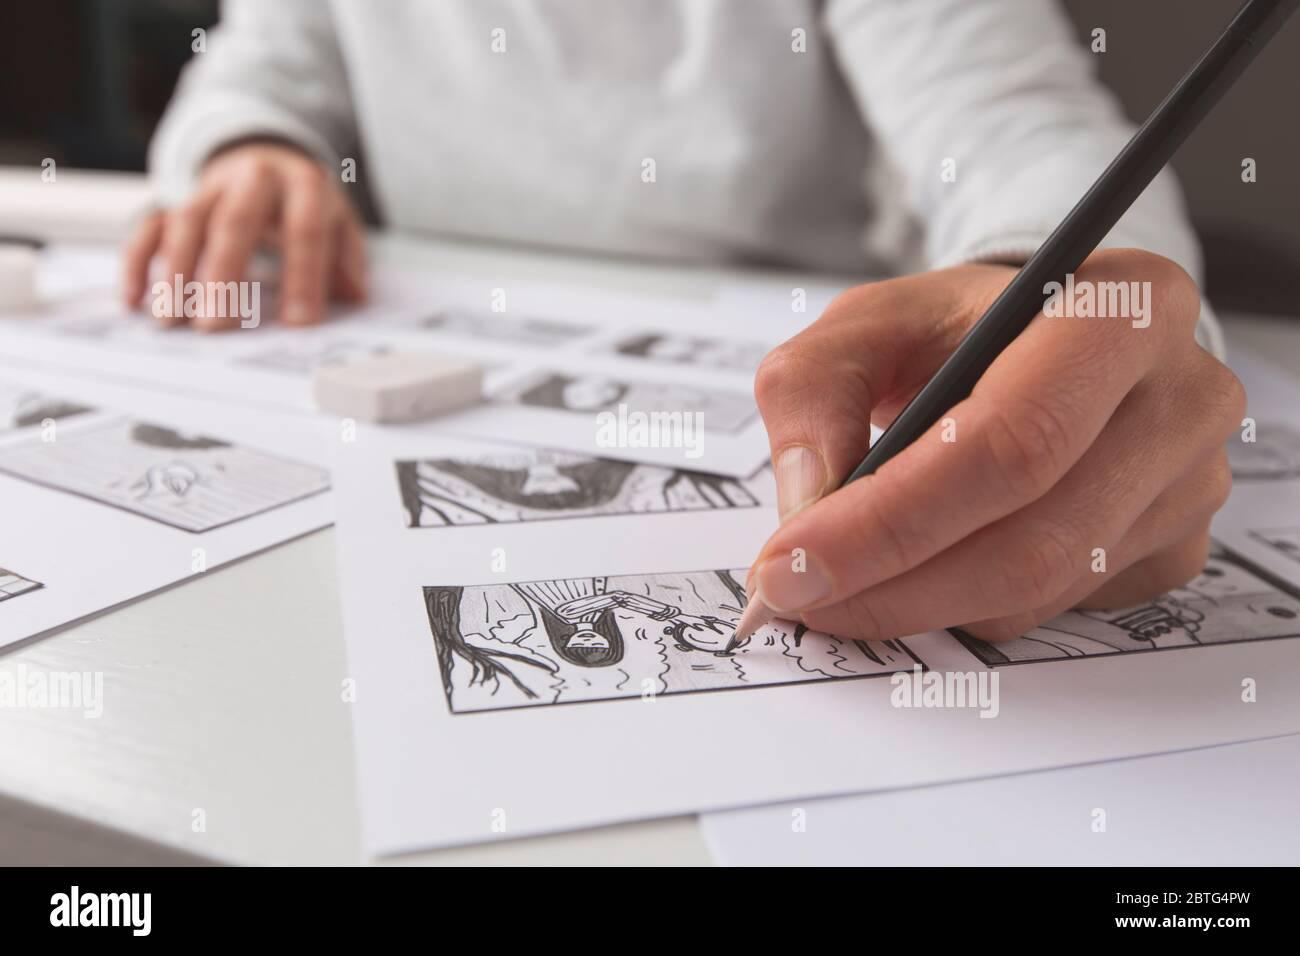 Artista ilustrador dibuja un guión gráfico para la película. El animador crea croquis para la caricatura. Foto de stock